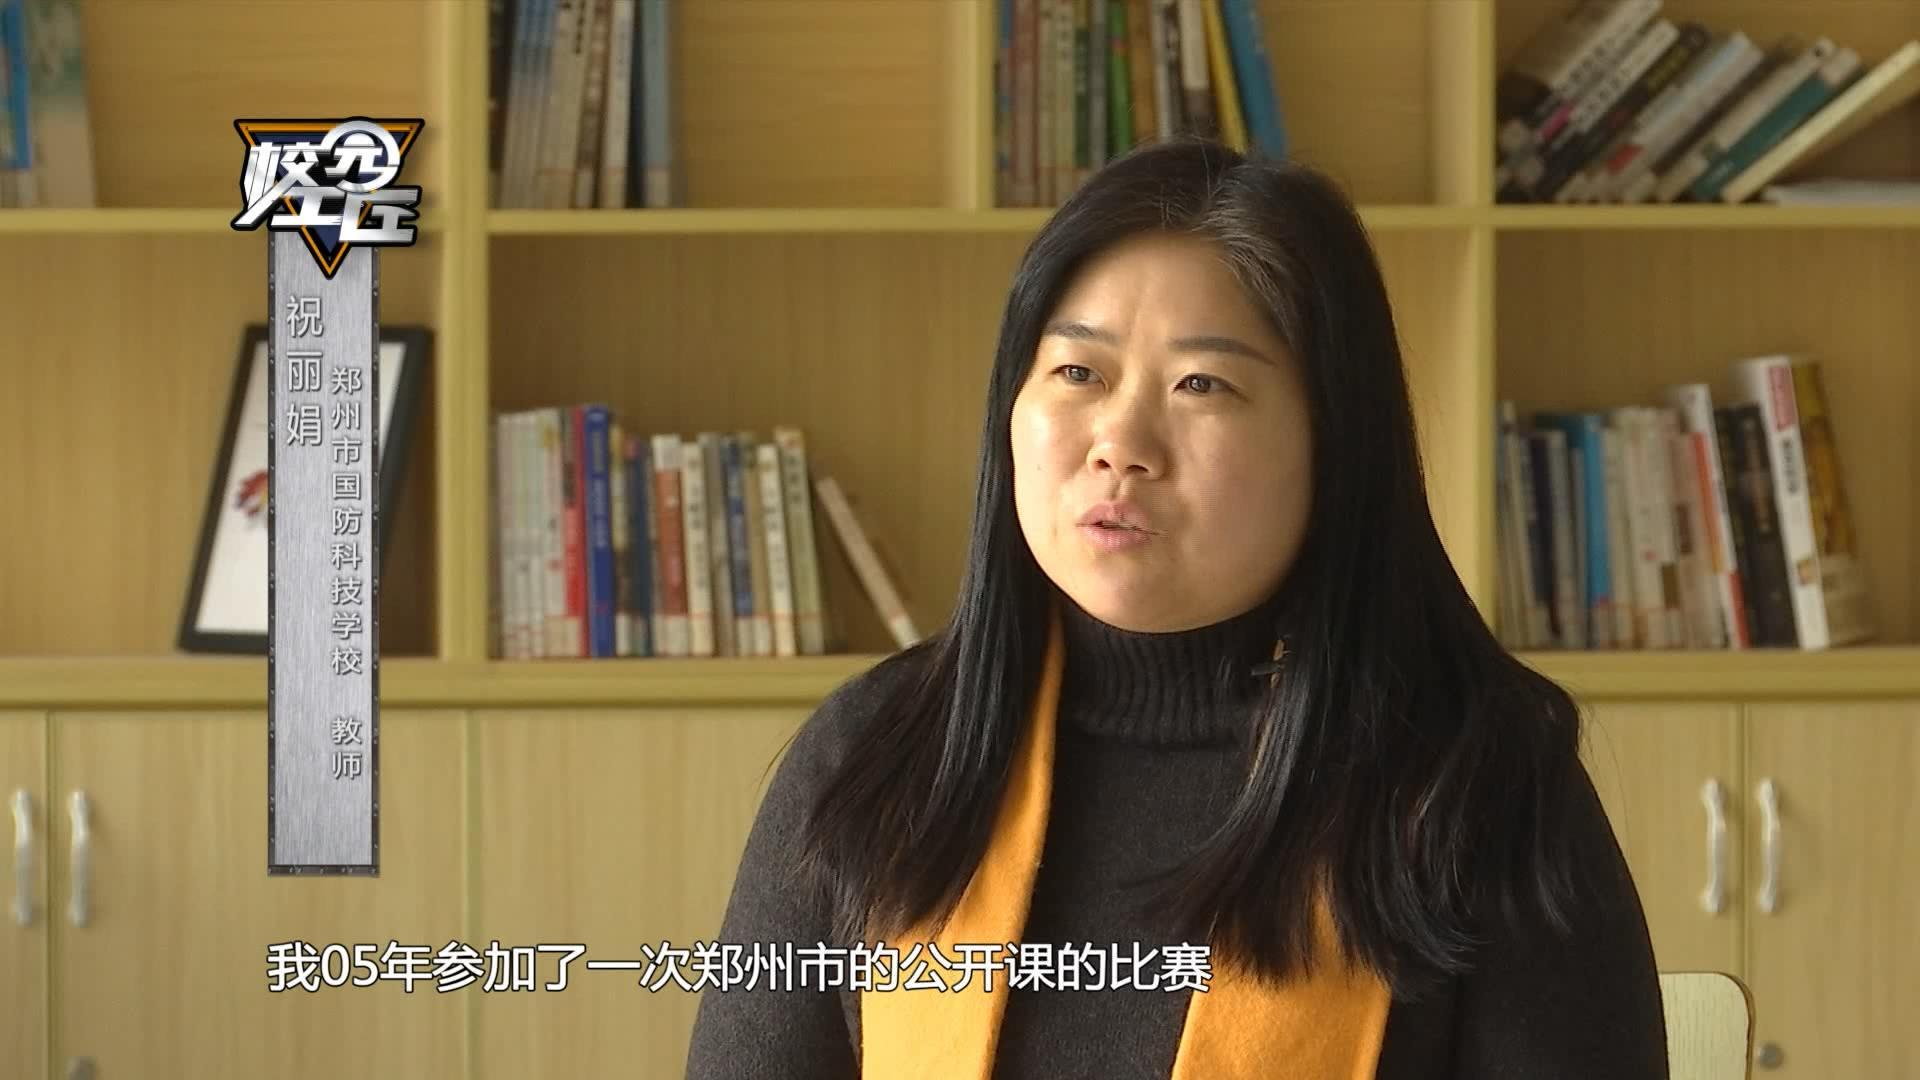 校园工匠-郑州市国防科技学校教师 祝丽娟